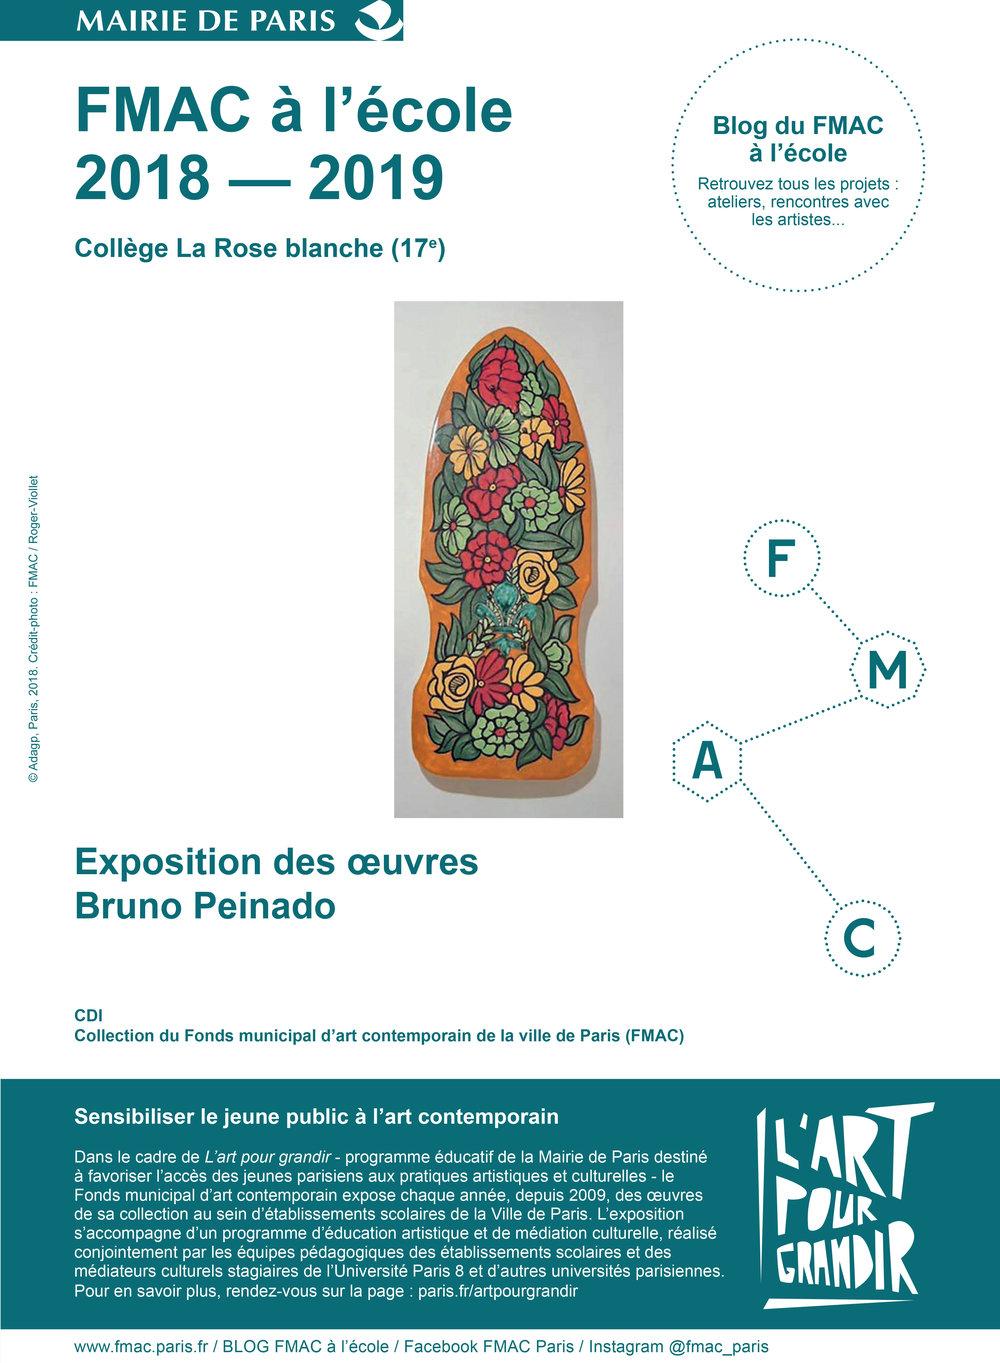 Affichette ter_signaletique_A3_ 1 exemplaire-10.jpg